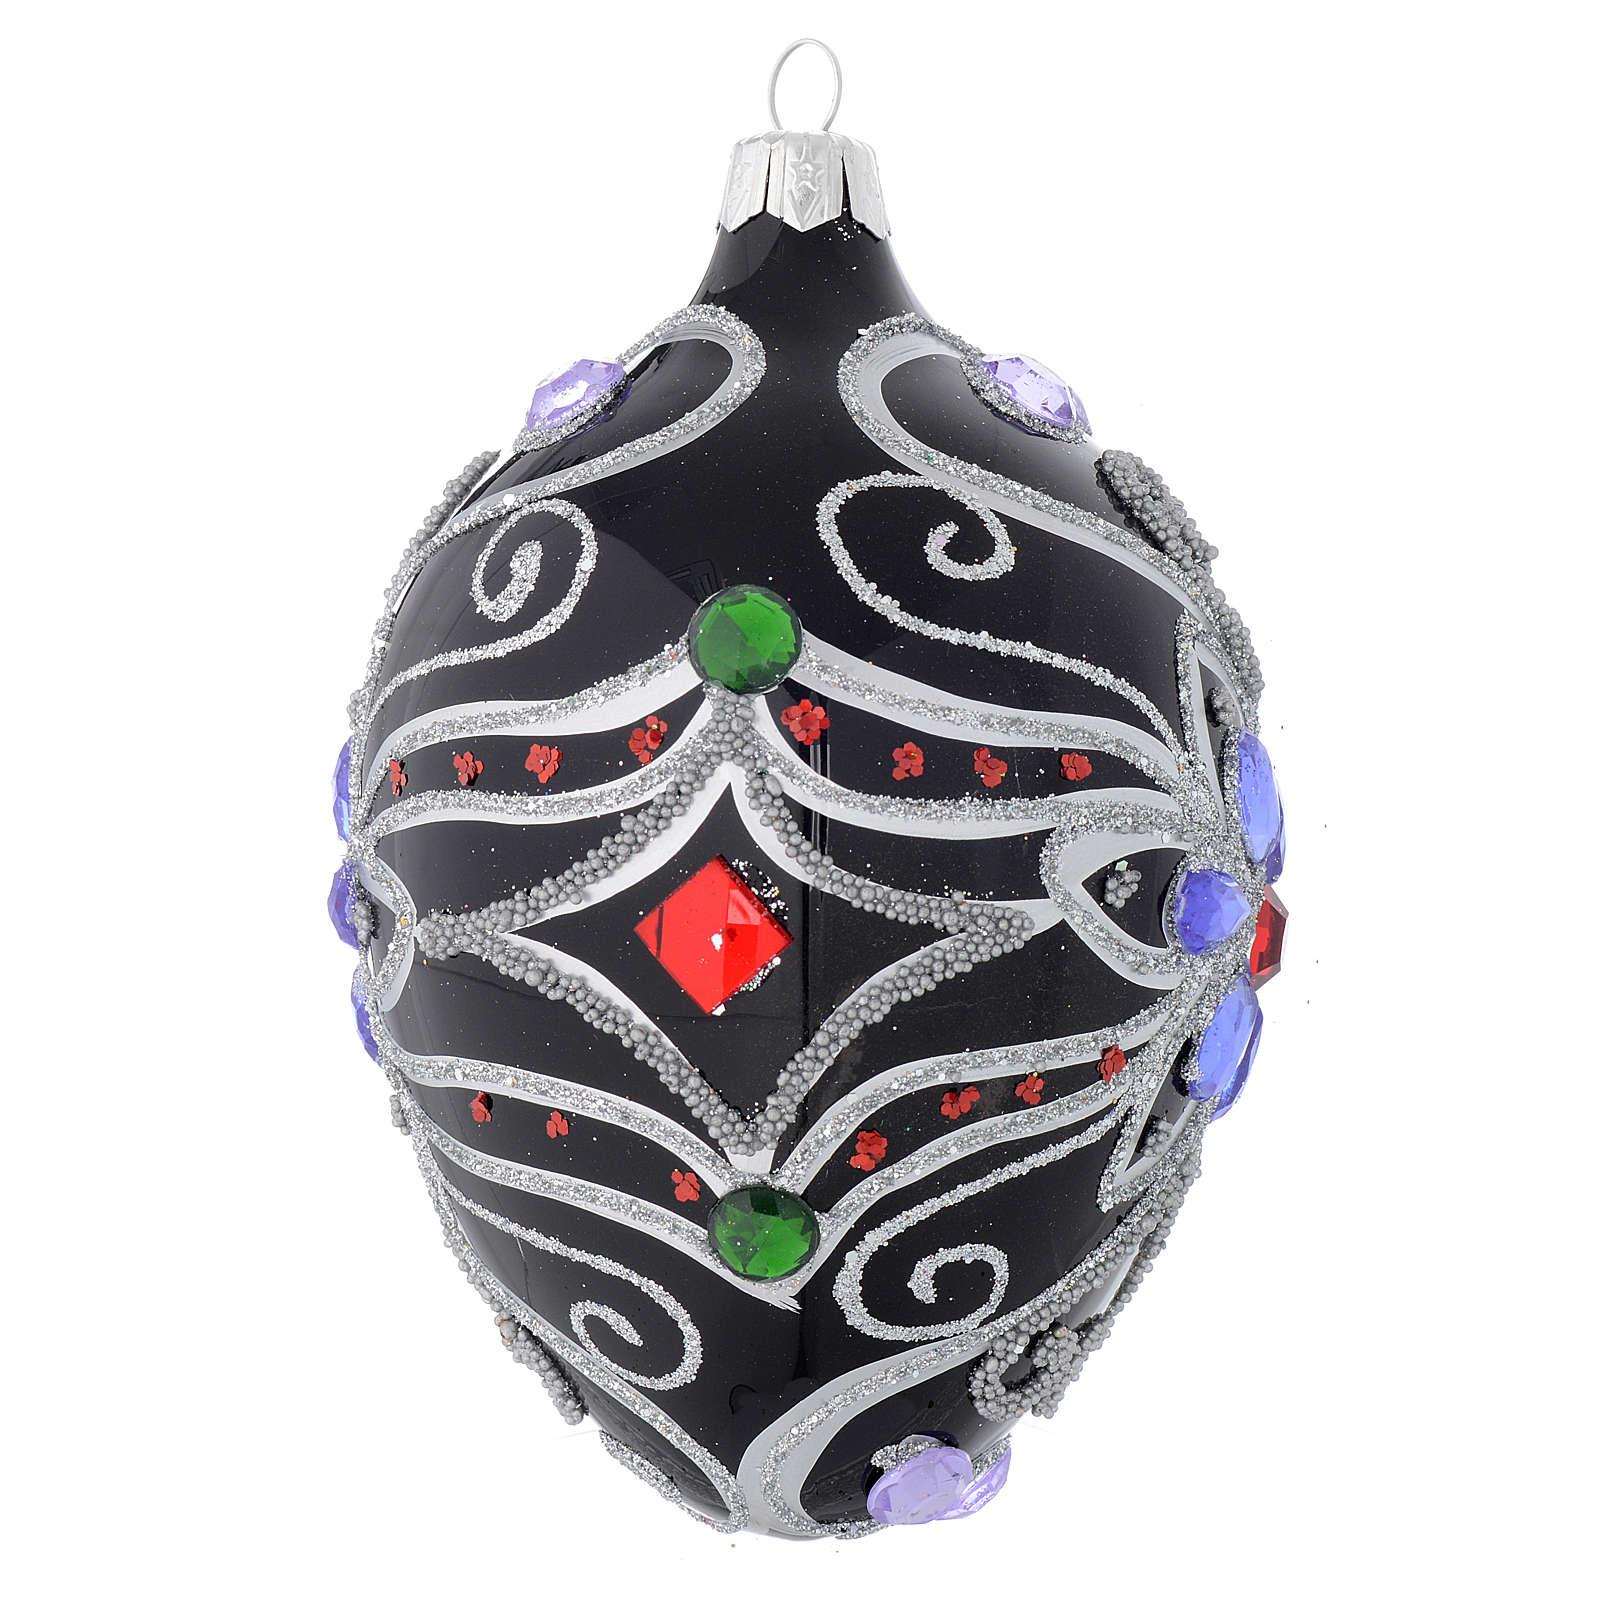 Bola de Navidad oval de vidrio negro y plata con decoración floral 130 mm 4